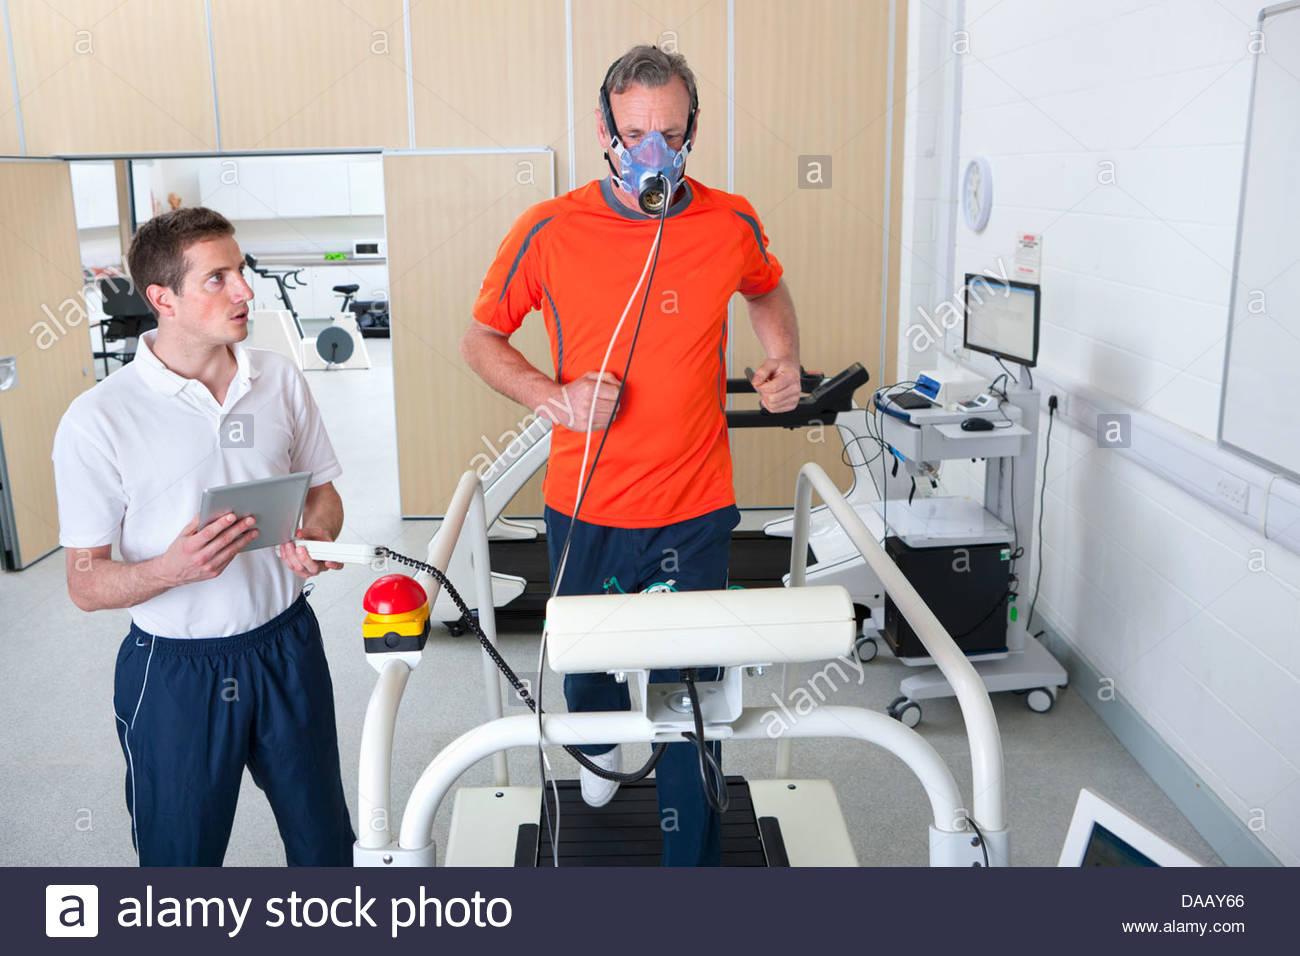 Deportes científico con supervisión de tableta digital runner con máscara en cinta en laboratorio Imagen De Stock